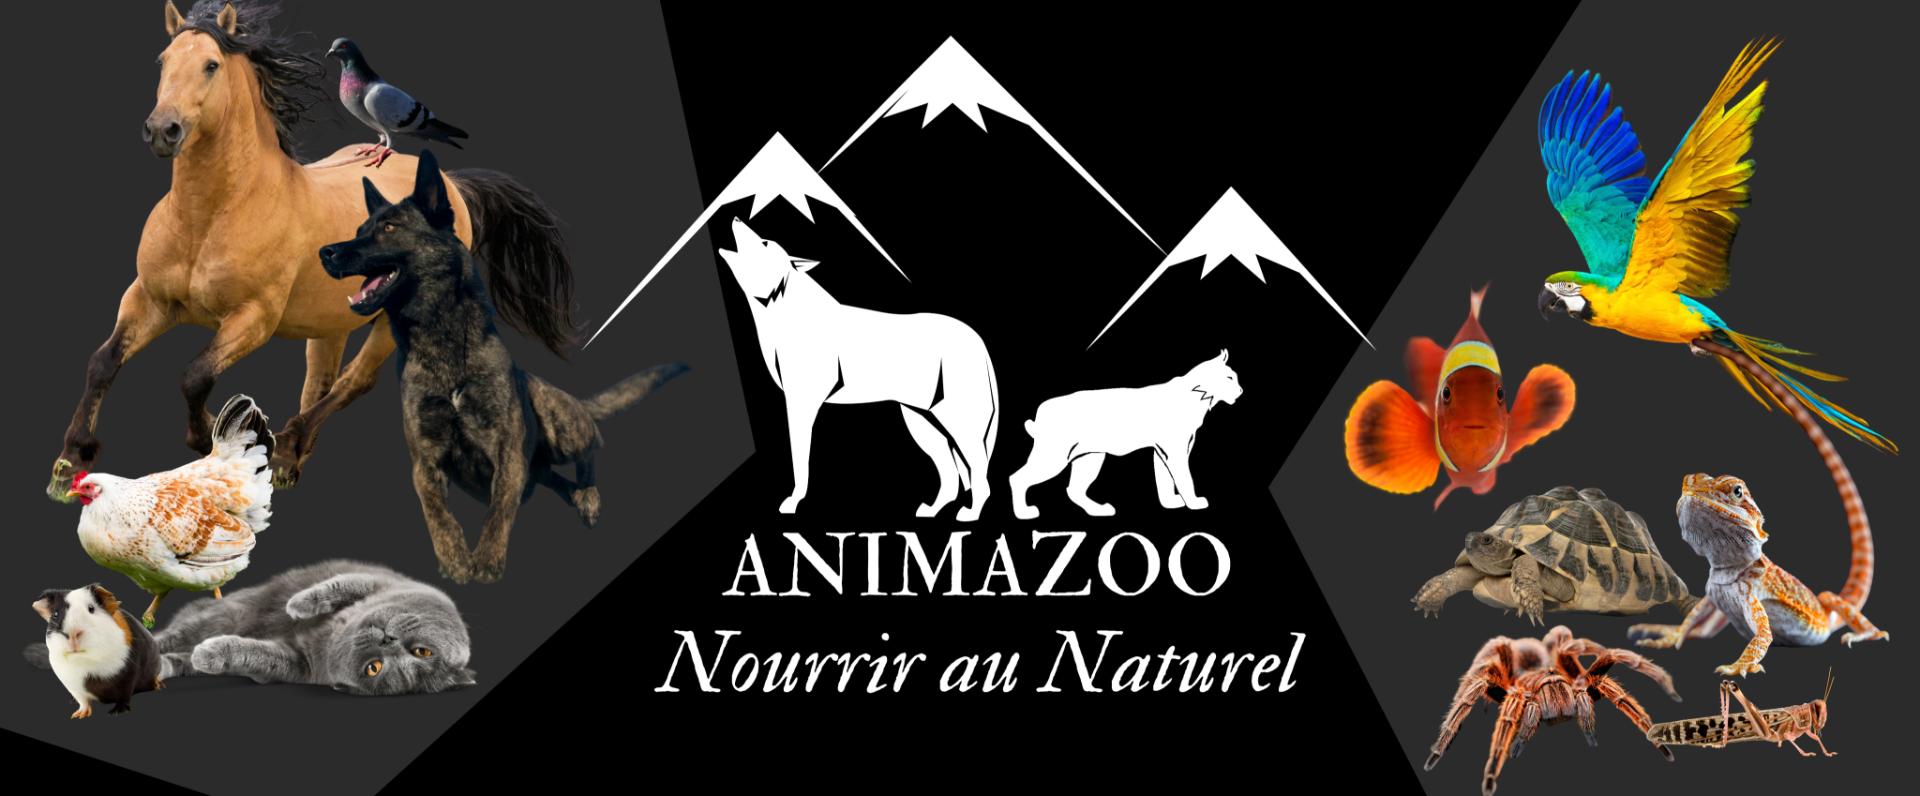 animazoo_bienvenue-sur-notre-boutique-en-ligne